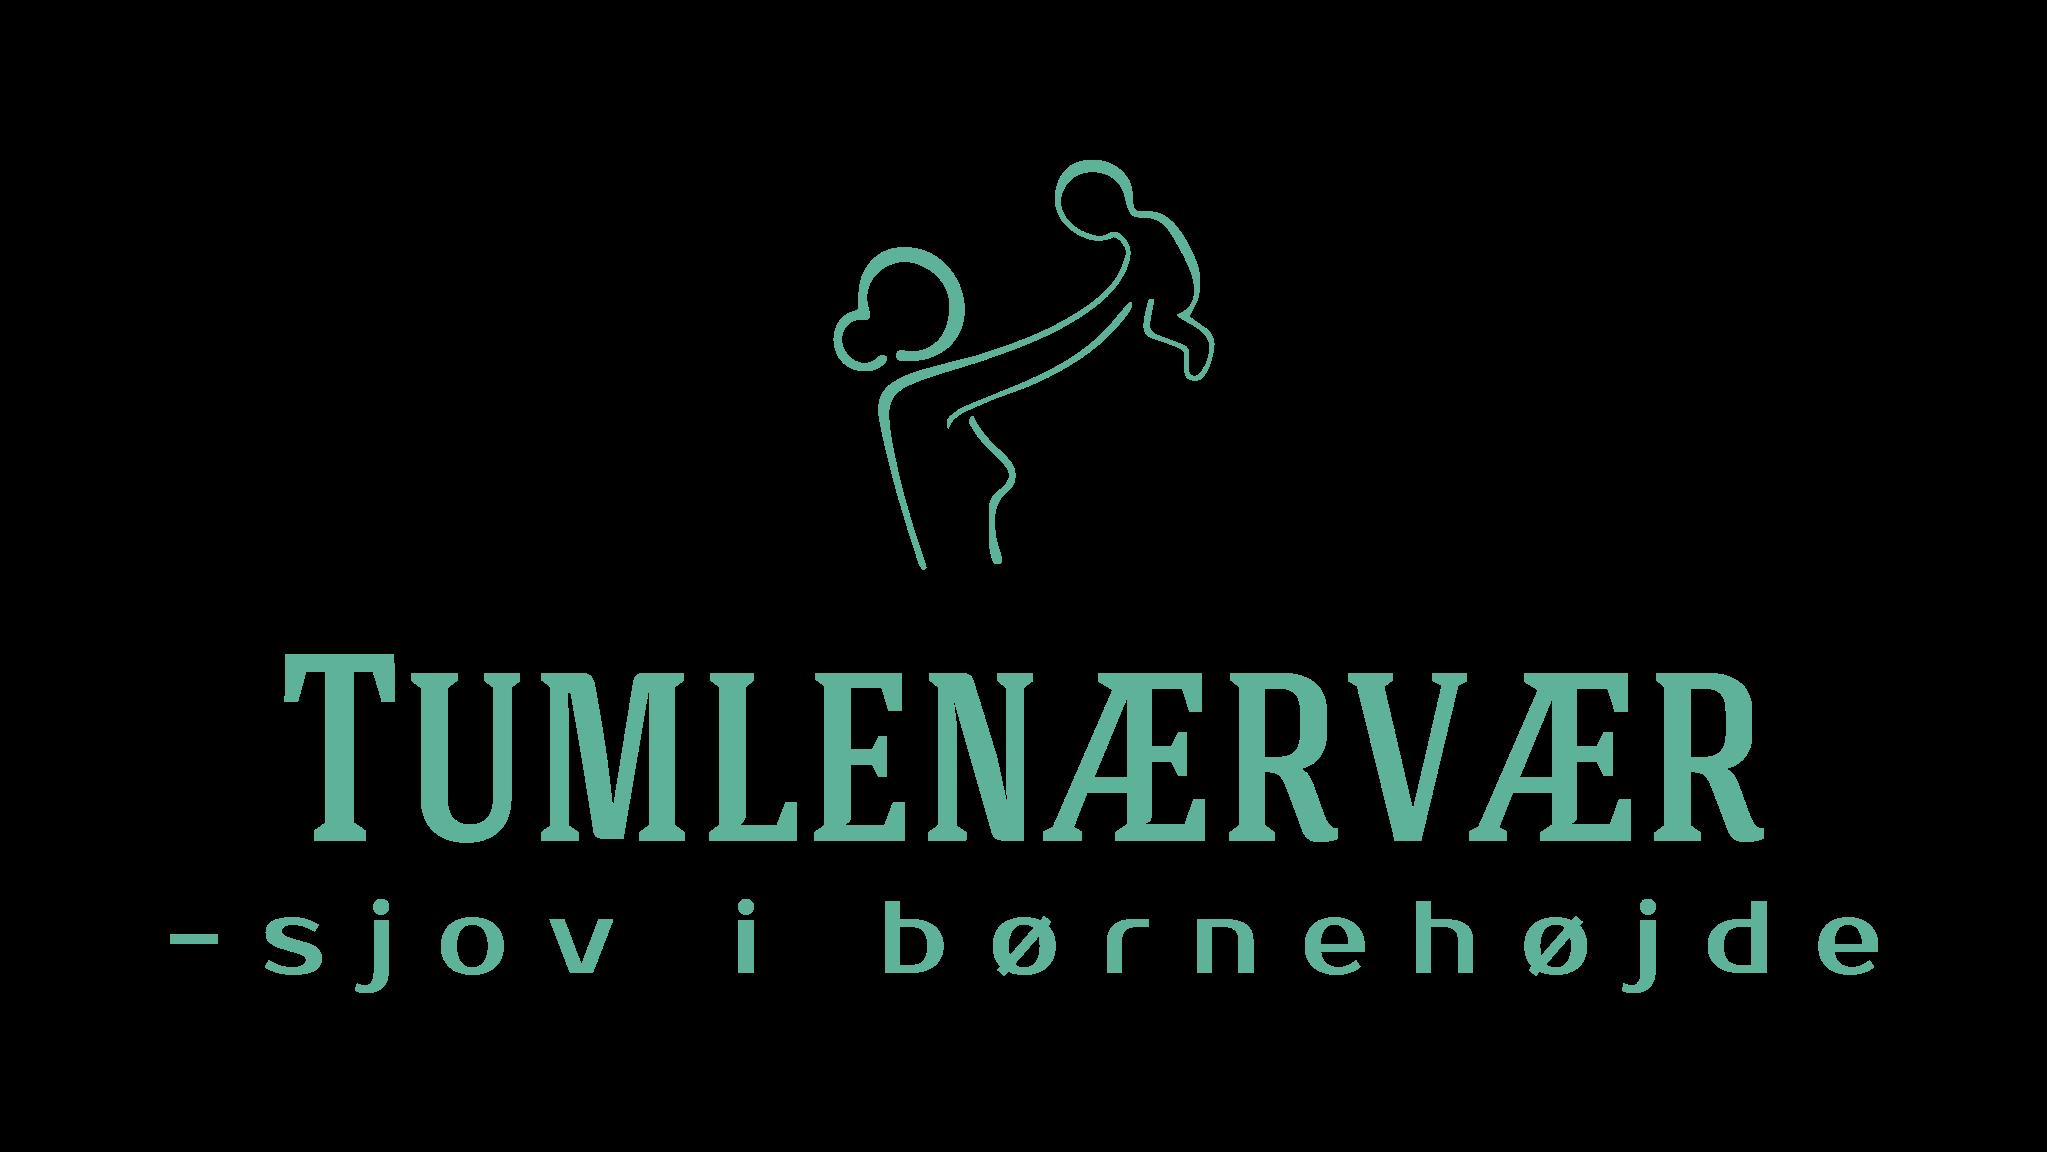 Tumlenærvær.dk